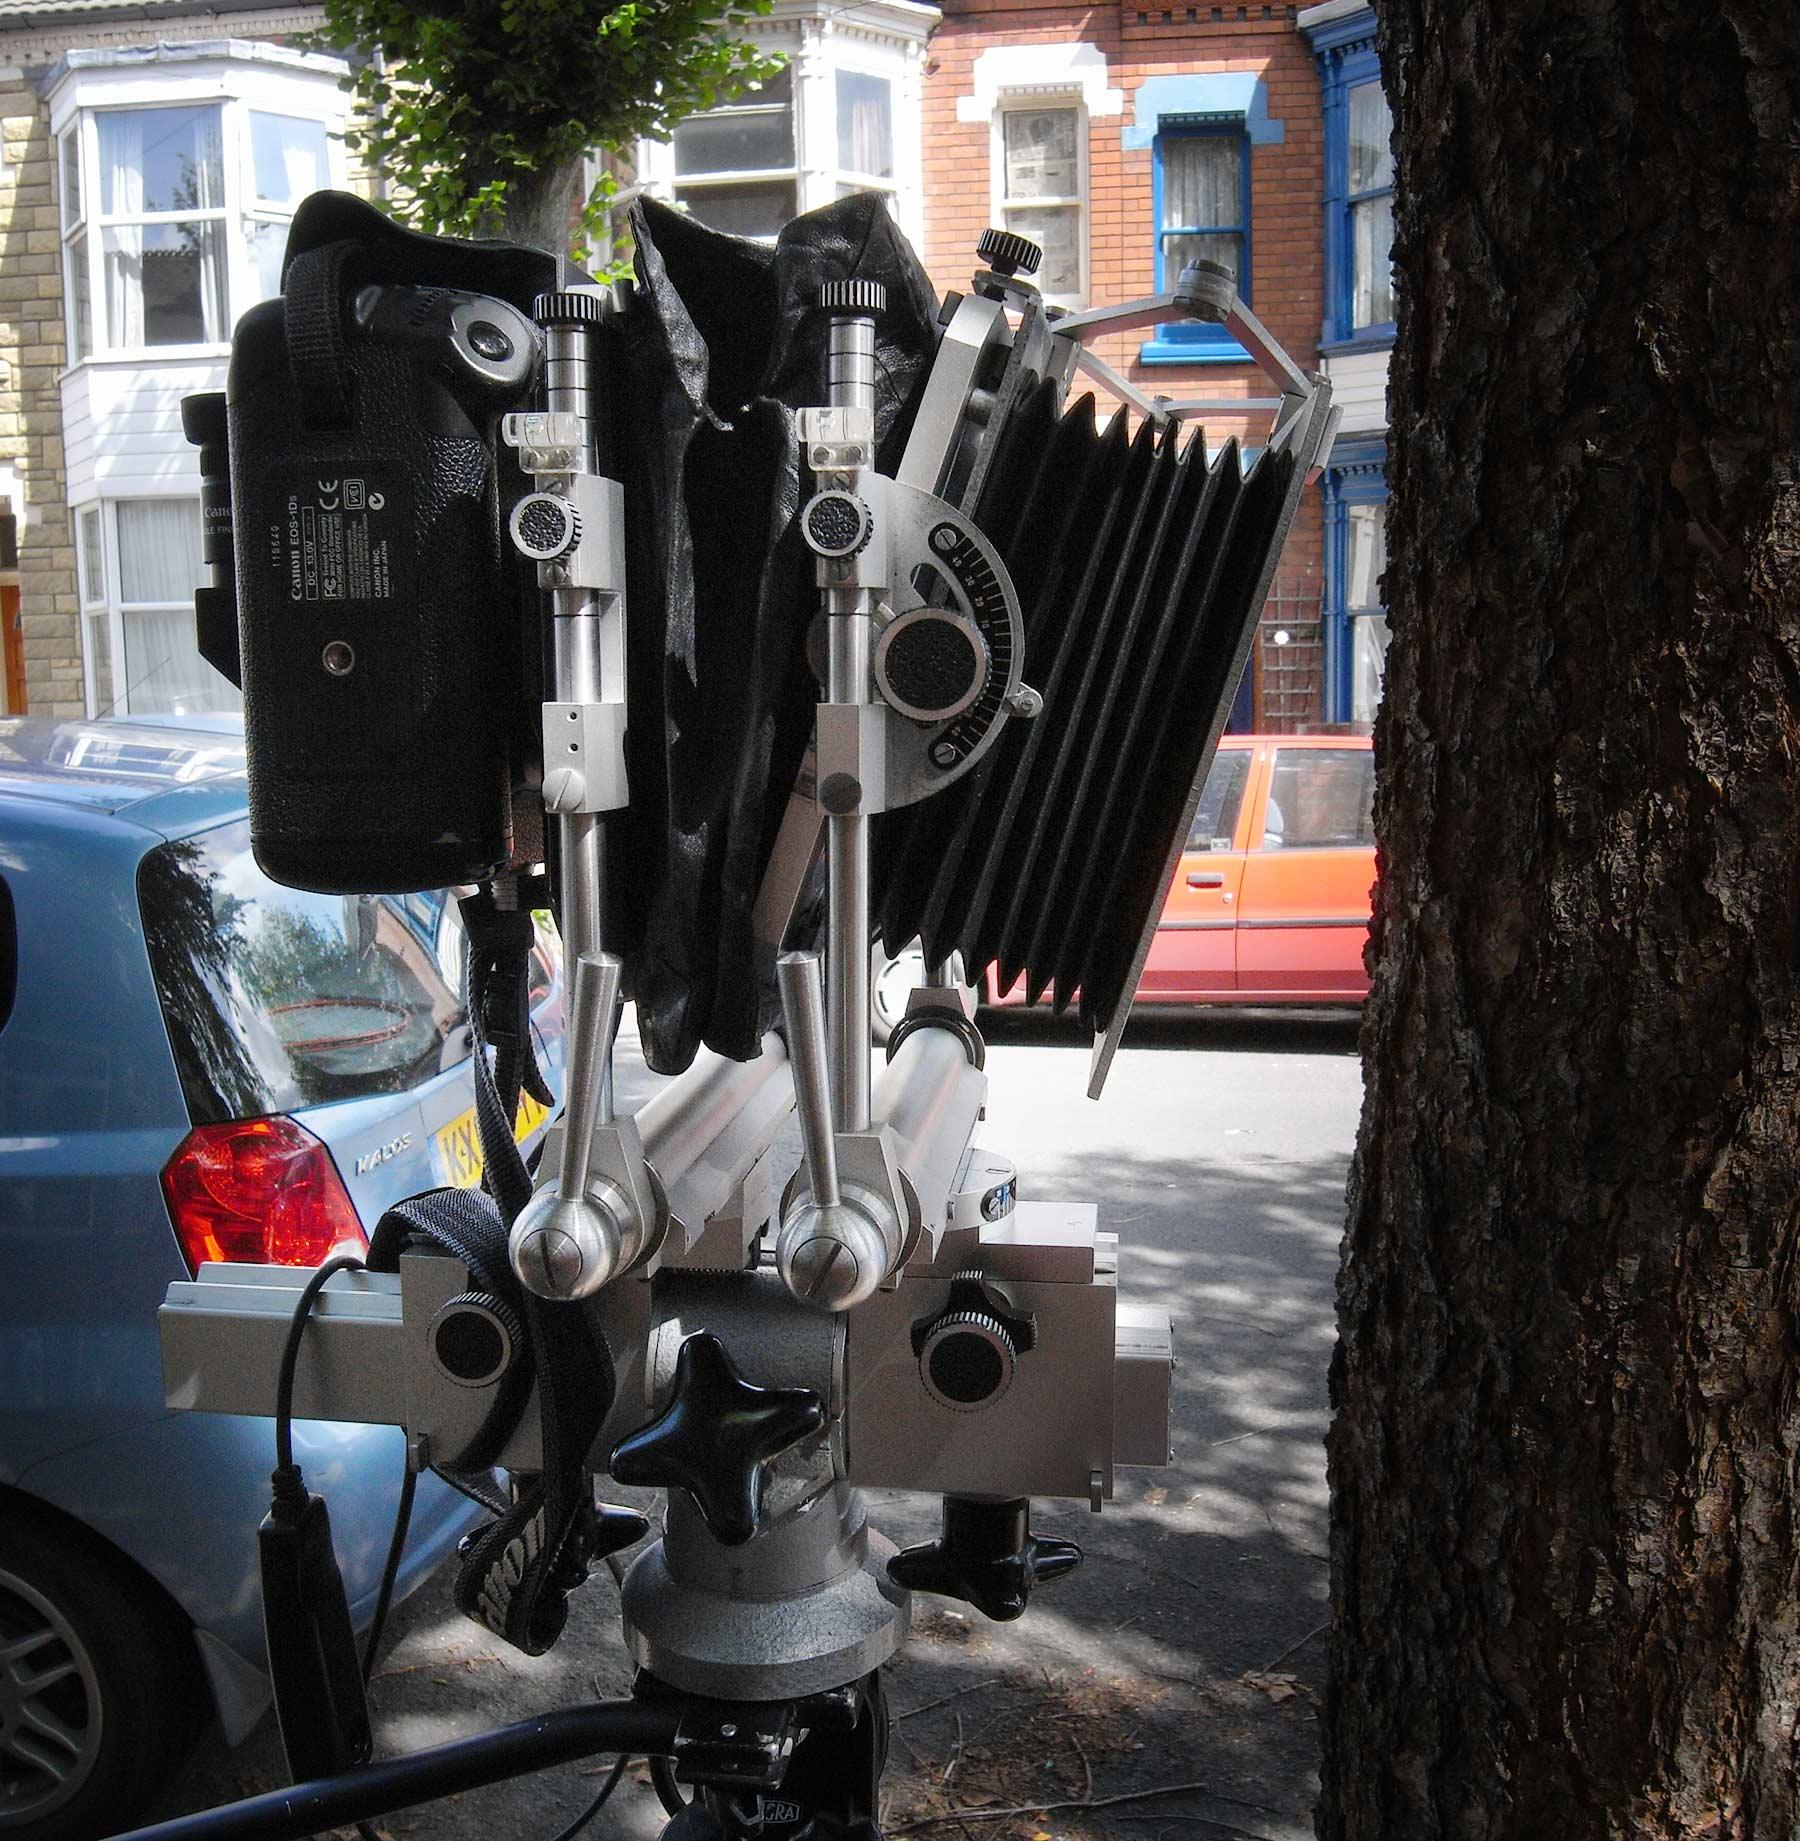 Camera with downwards tilted lens